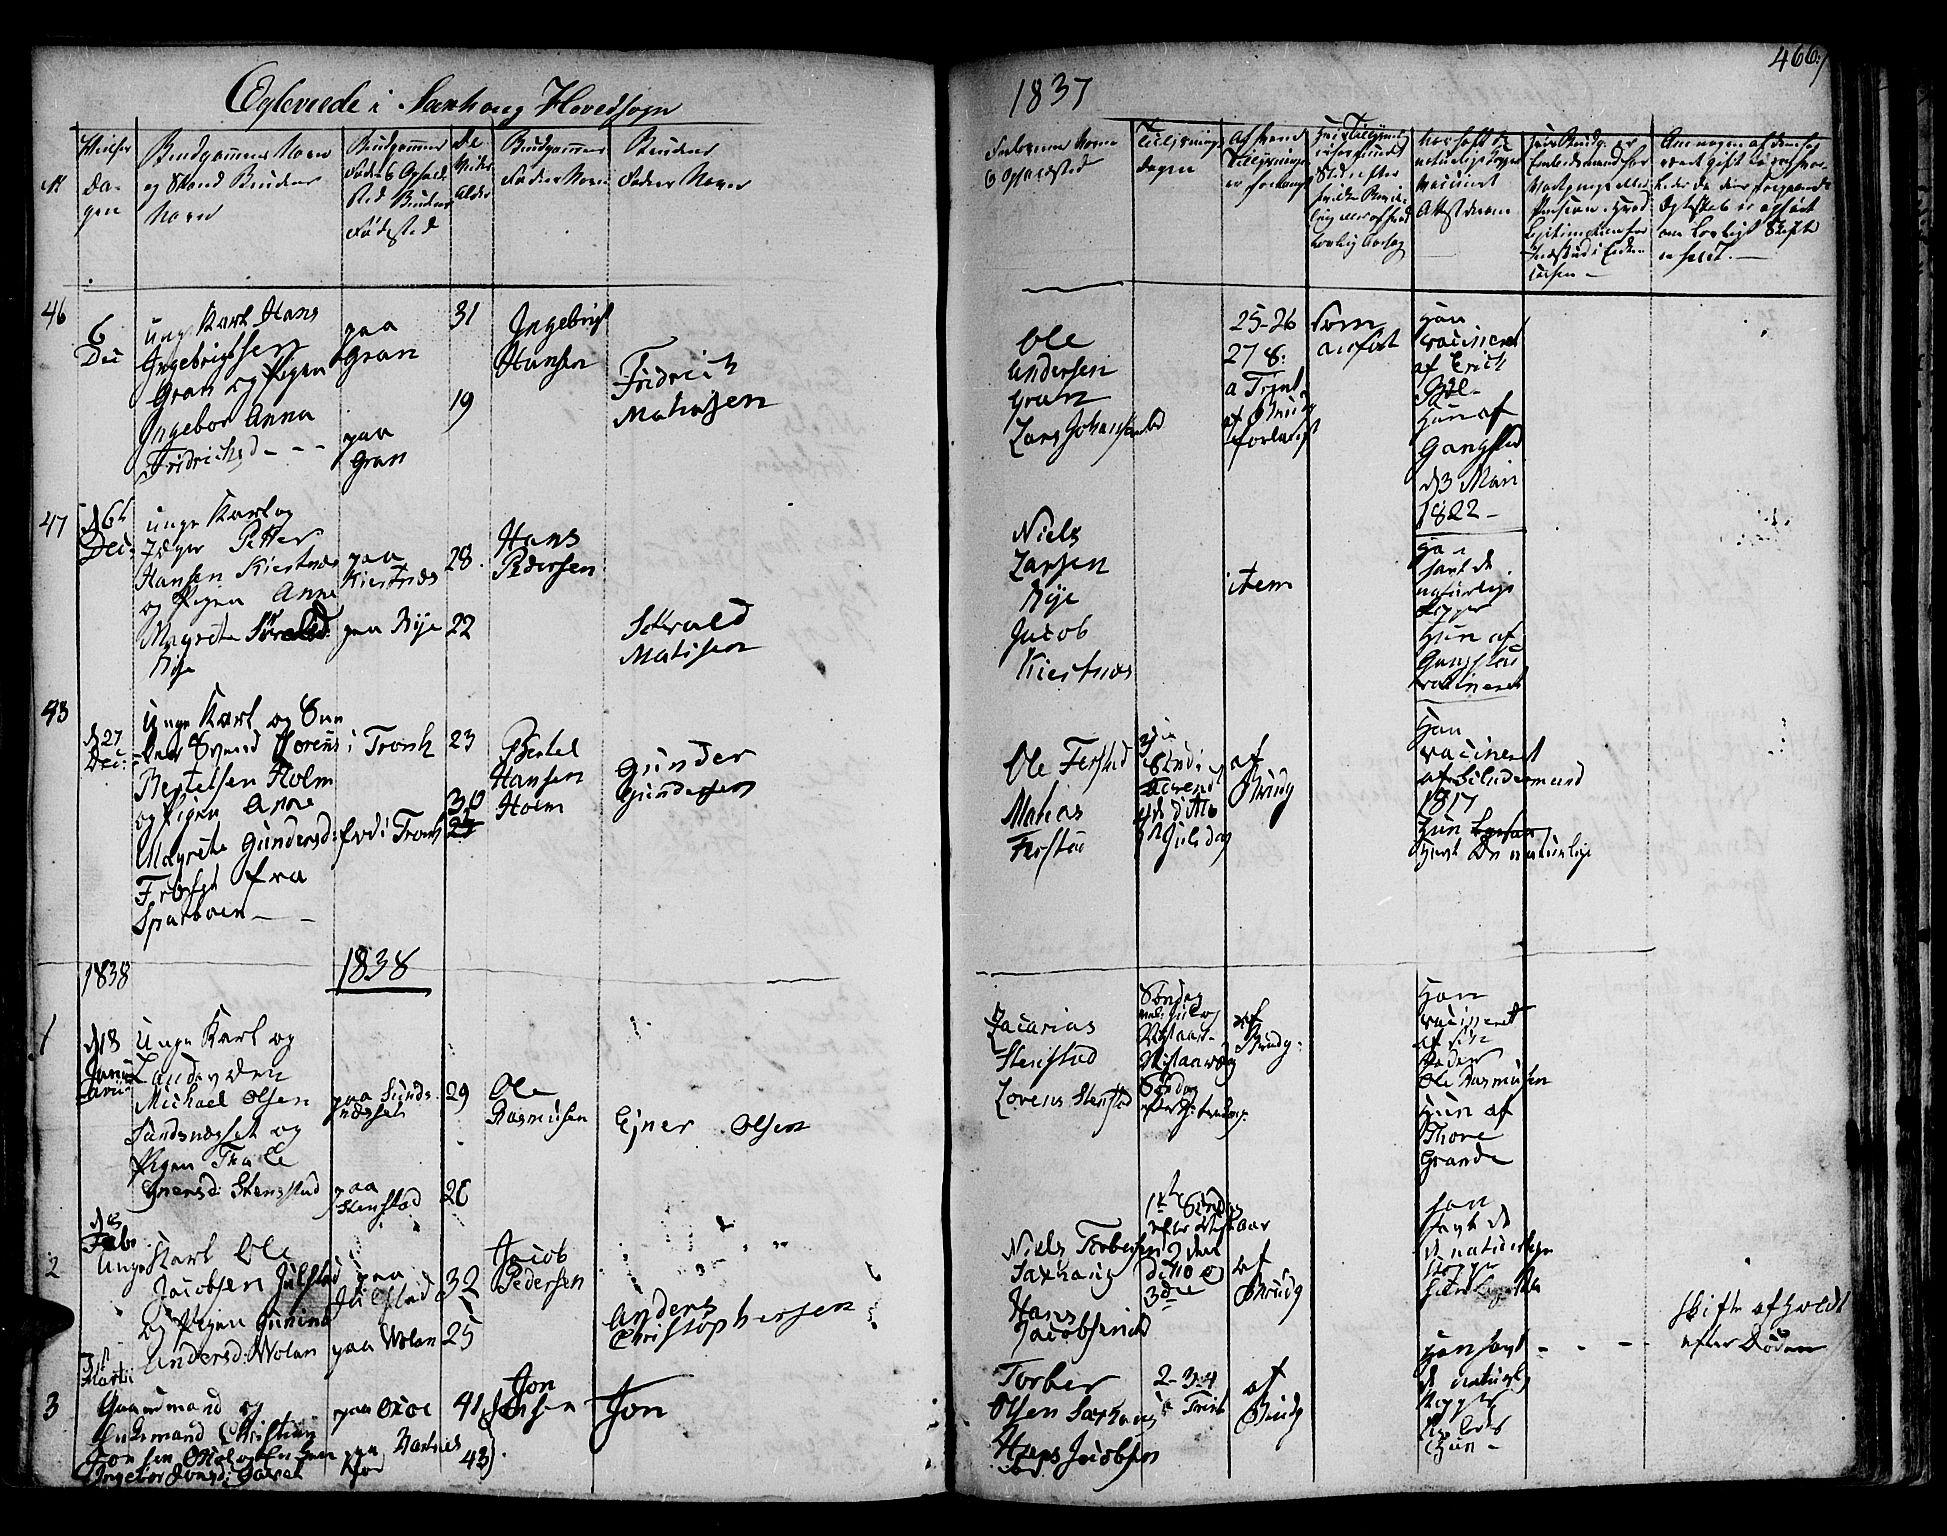 SAT, Ministerialprotokoller, klokkerbøker og fødselsregistre - Nord-Trøndelag, 730/L0277: Ministerialbok nr. 730A06 /1, 1830-1839, s. 466